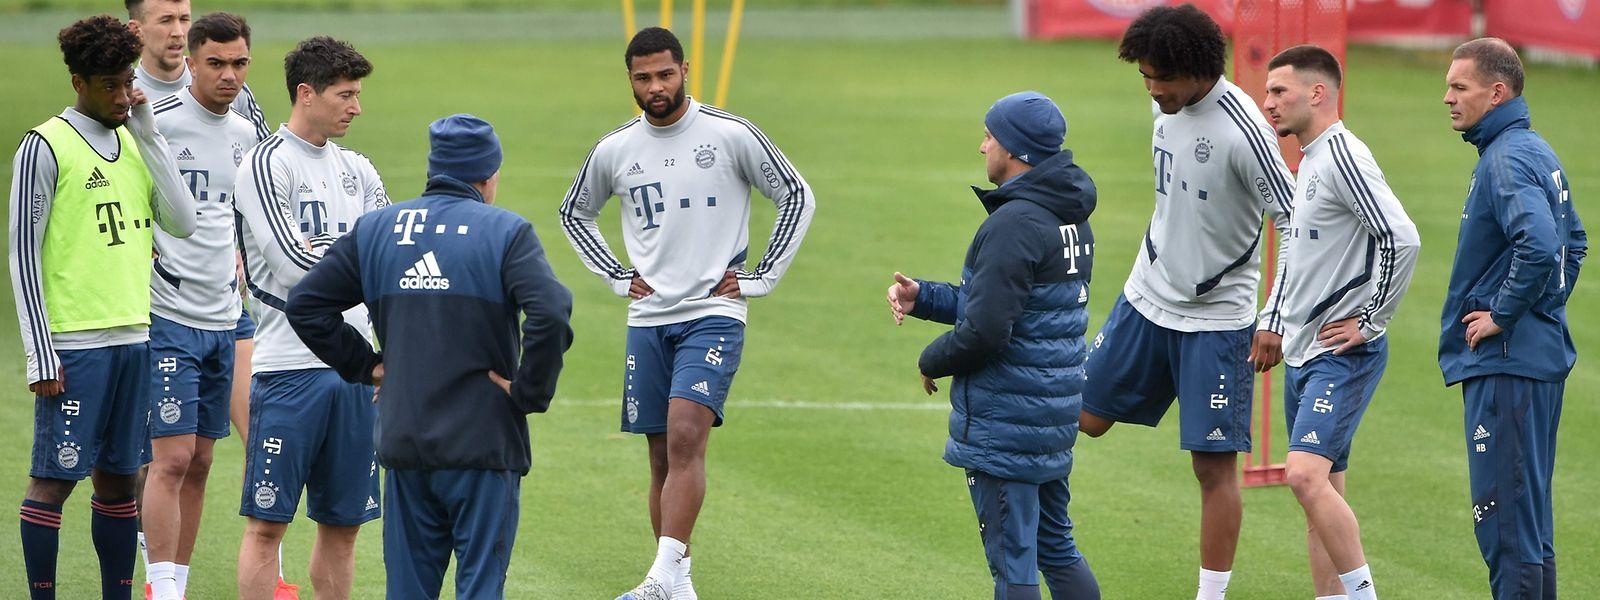 Les clubs de Bundesliga, comme ici le Bayern Munich, ont déjà repris l'entraînement